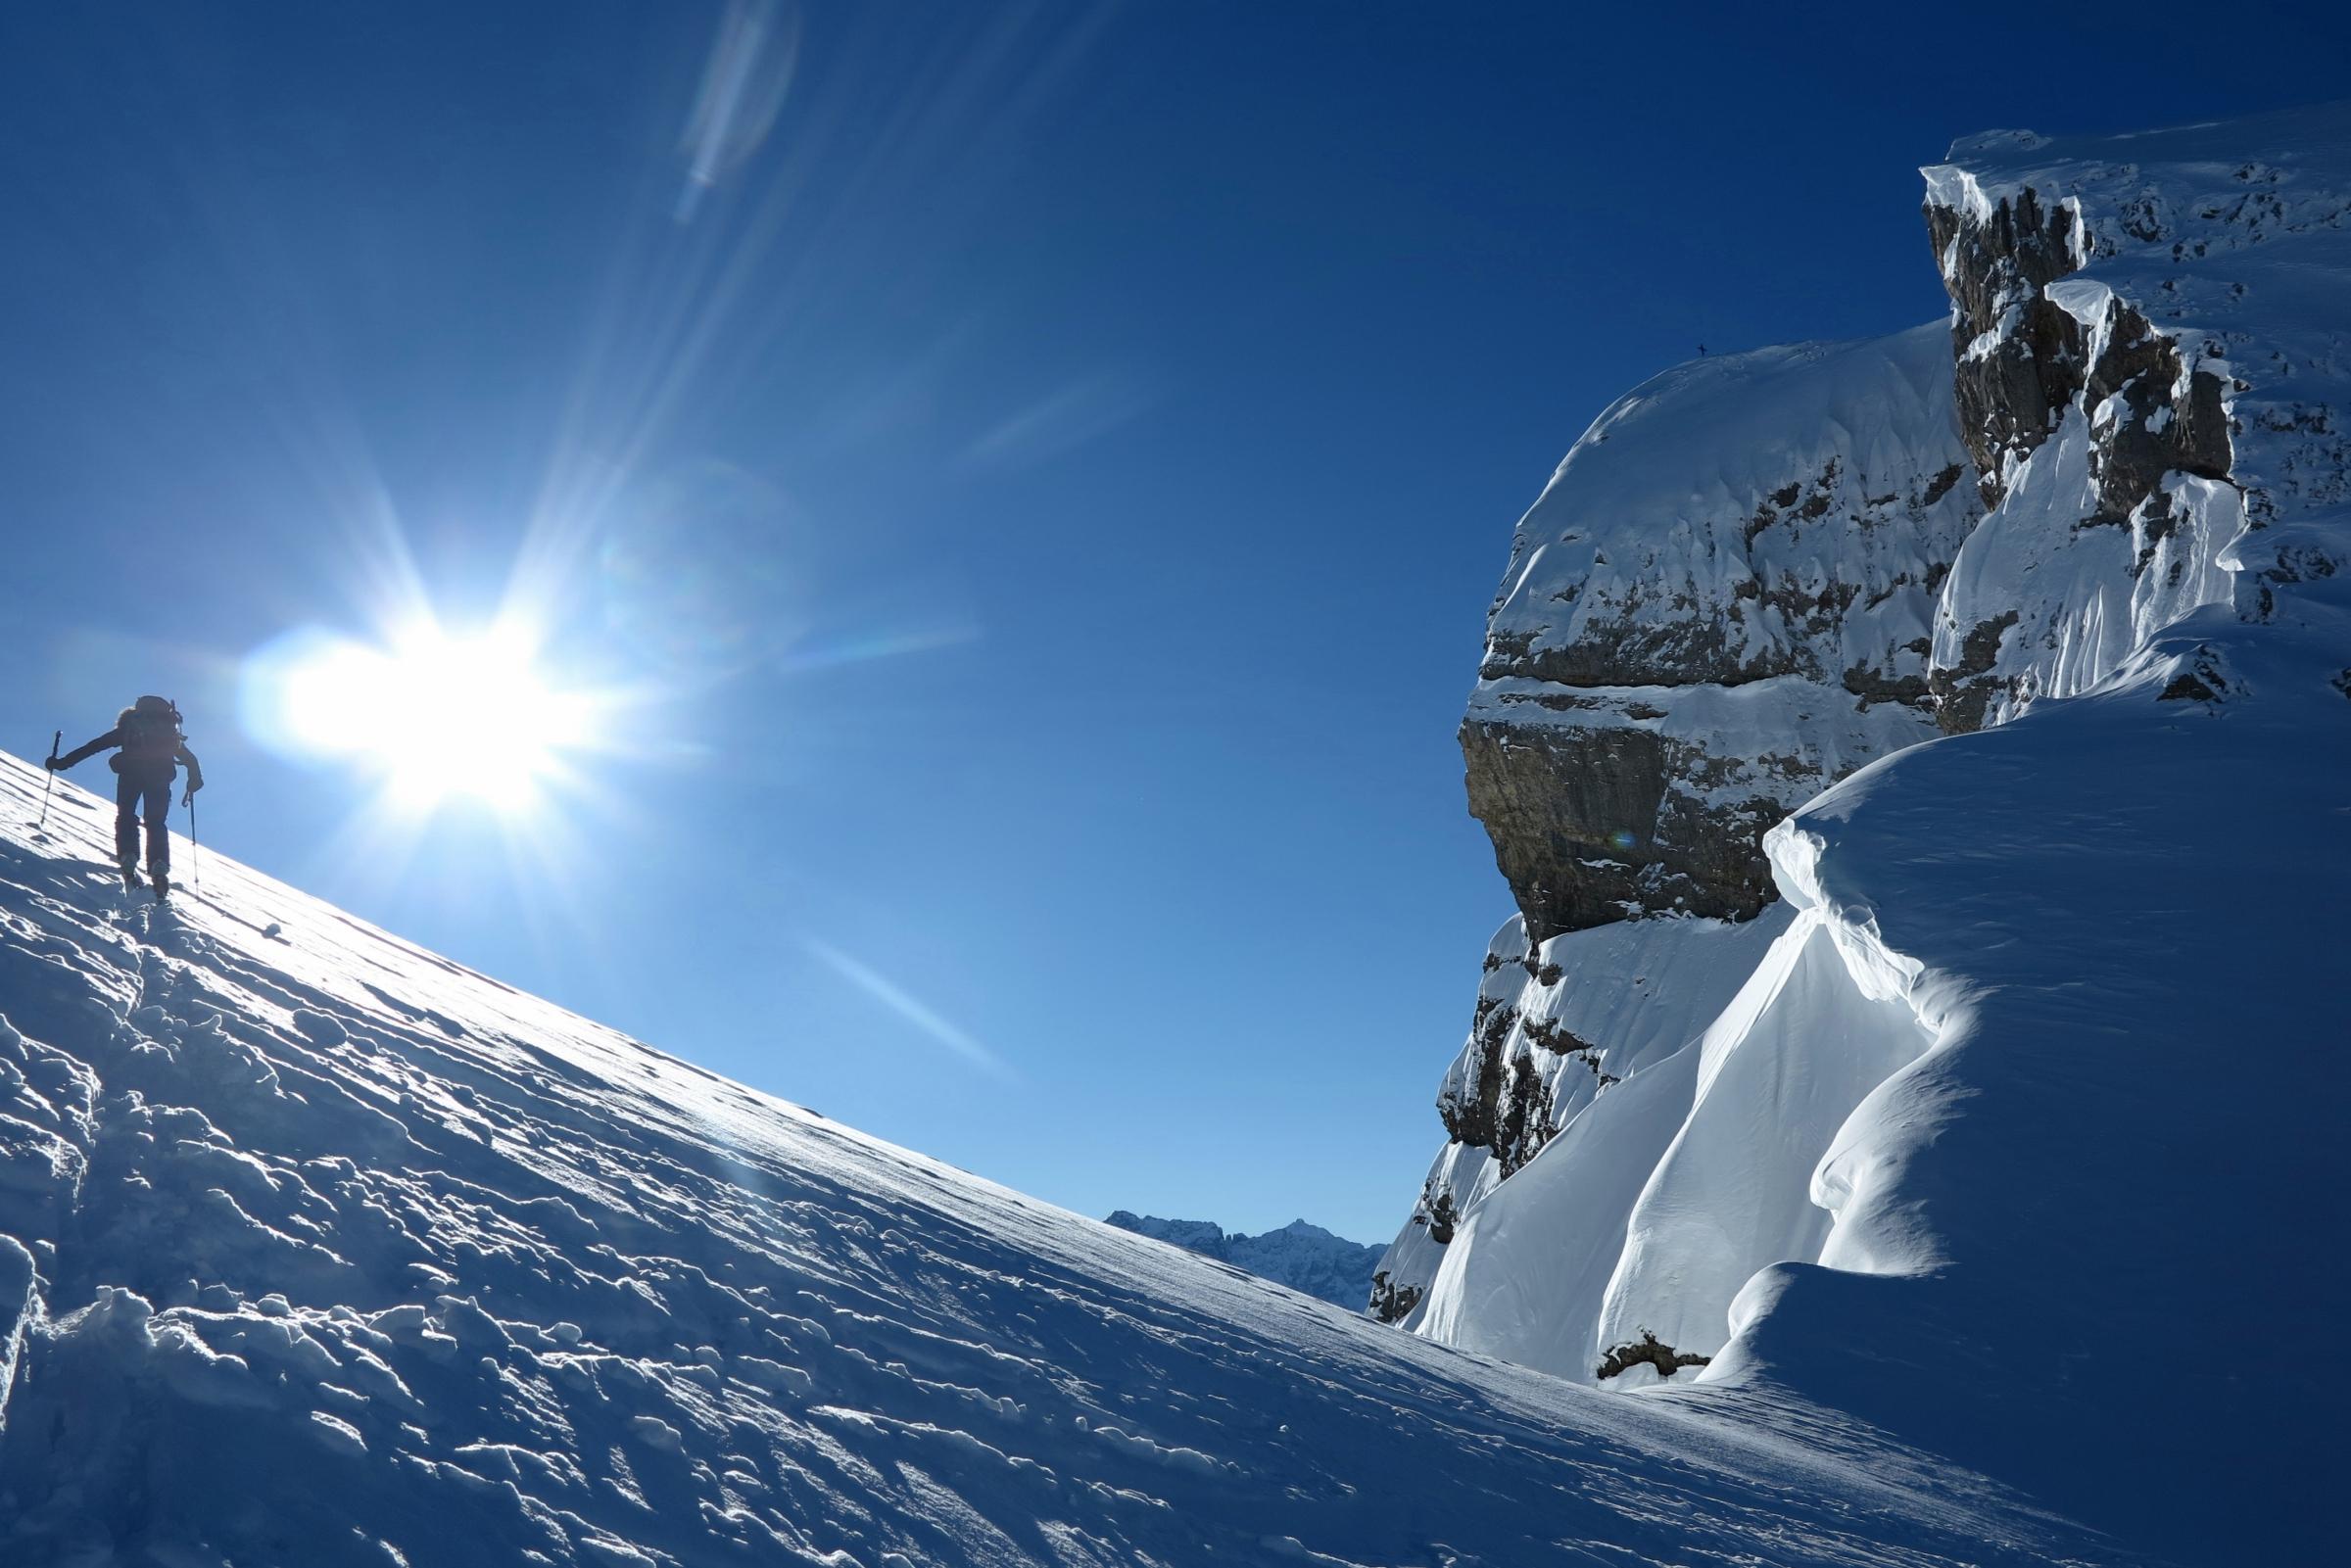 Im Sattel zwischen Blüemberg und Chronenstock (rechts), wärmt endlich die Sonne das Gesicht. Aufgepasst vor den mächtigen Wechten!